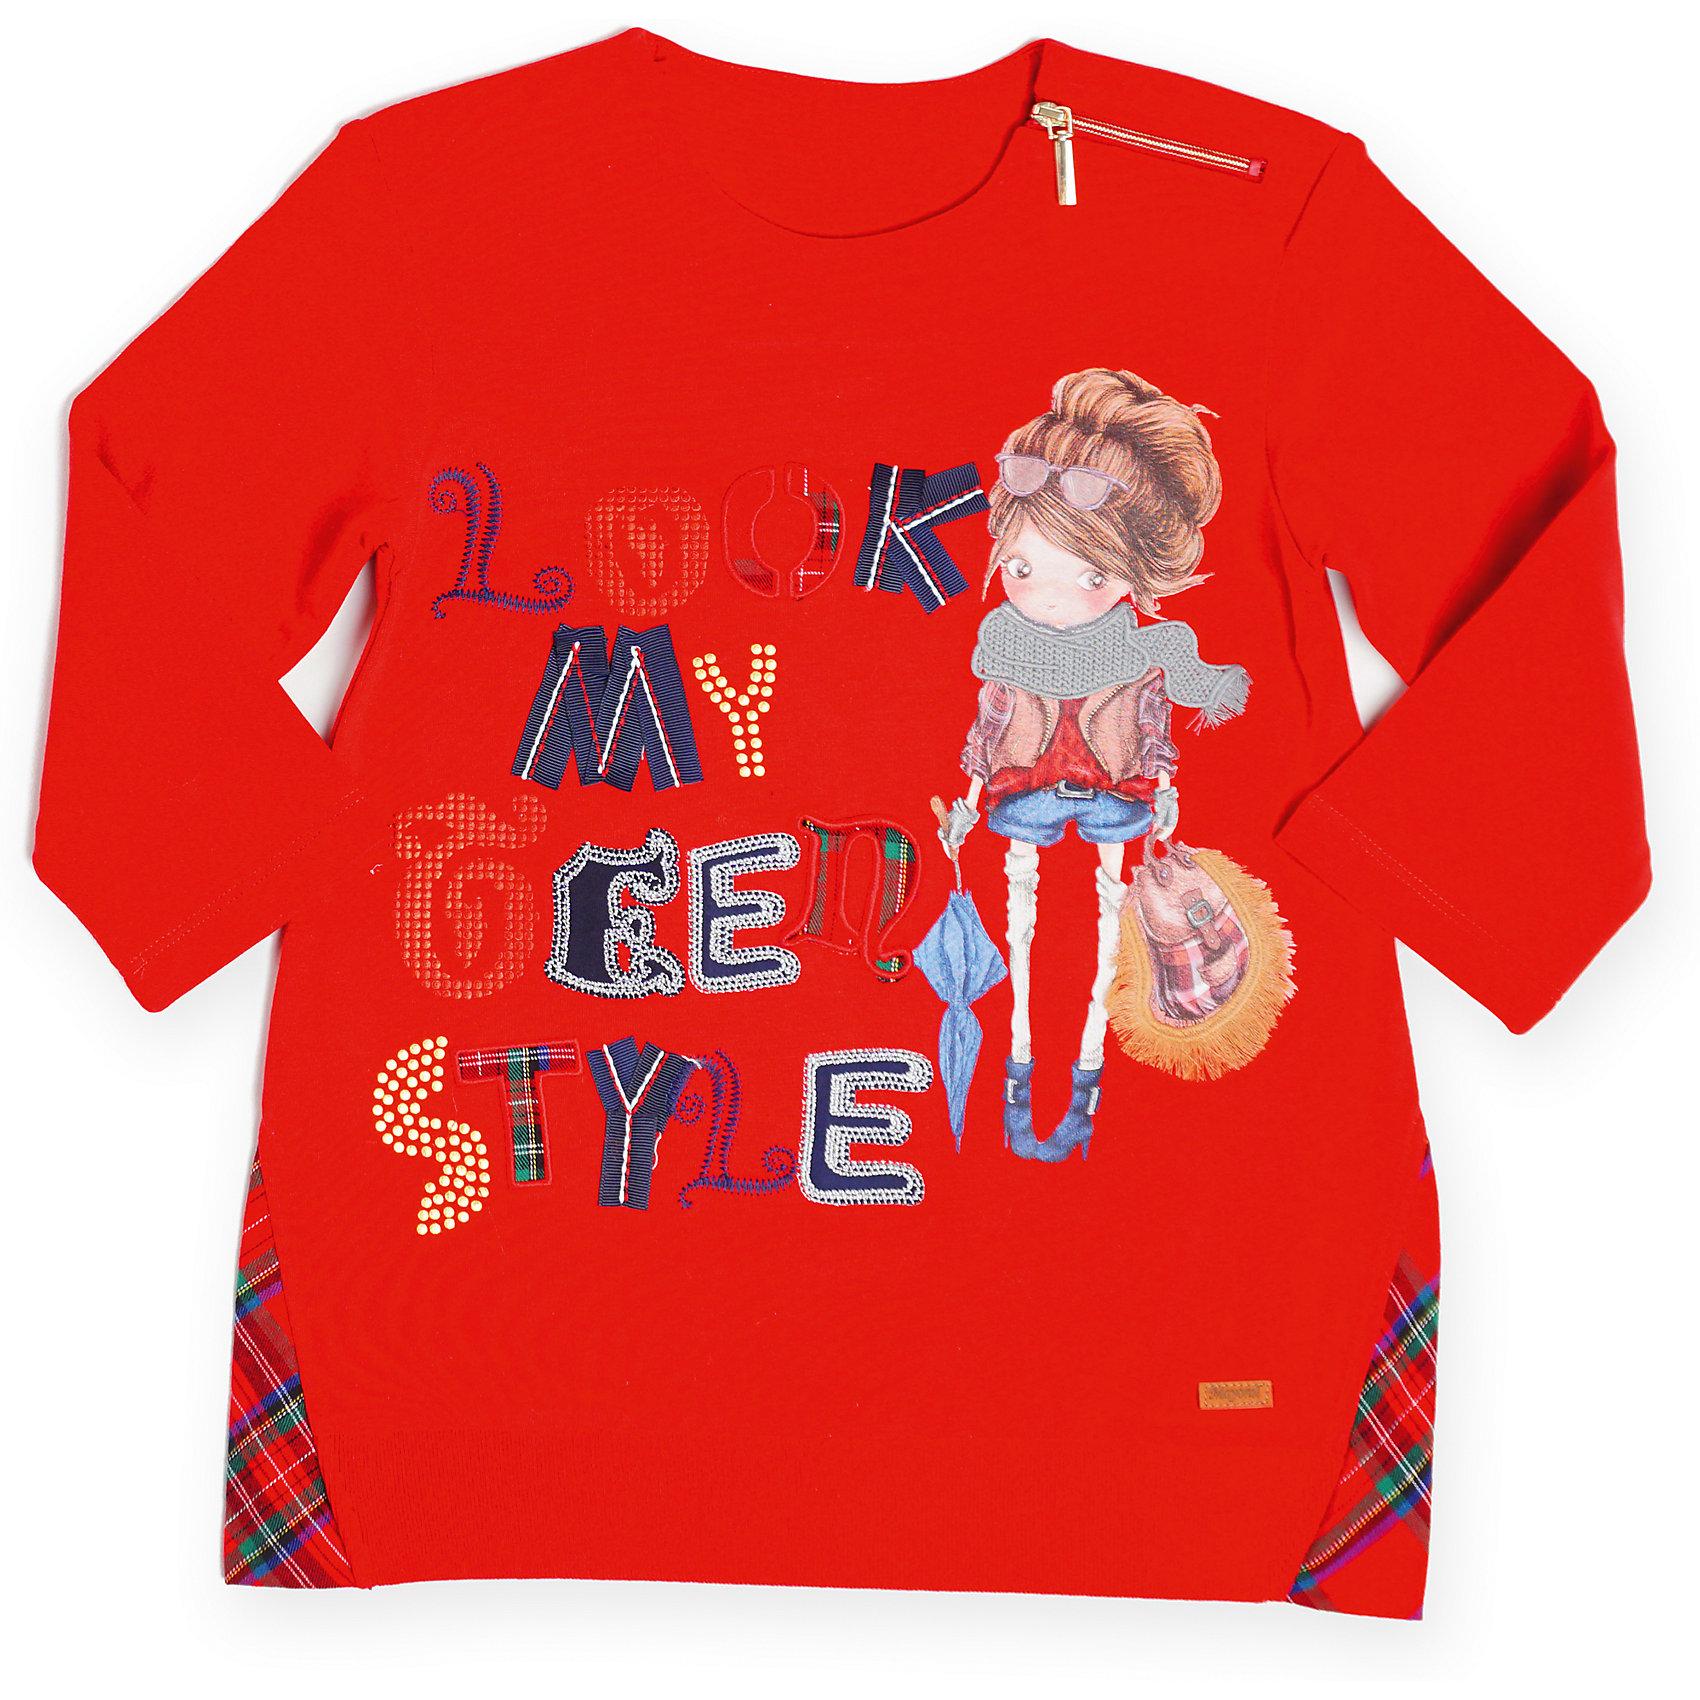 Платье  для девочки MayoralПлатье для девочки от известной испанской марки Mayoral.<br>Стильное трикотажное платье от известного бренда Mayoral поможет девочке создать и повседневный, и нарядный образ. Удобный крой и качественный материал обеспечит ребенку комфорт при ношении этой вещи.<br>Модель имеет следующие особенности:<br><br>- цвет – красный;<br>- принт - девочка и надпись;<br>- принт украшен металлизированными элементами;<br>- круглый вырез;<br>- длинные рукава;<br>- внизу - вставки из клетчатой ткани.<br><br>Состав: 71% хлопок, 3% эластан, 26% полиэстер<br><br>Уход за изделием:<br><br>стирка в машине при температуре до 30°С,<br>не отбеливать,<br>гладить на низкой температуре.<br> <br>Габариты:<br><br>длина по спинке – 35 см.<br><br>*Числовые параметры соответствуют росту 98<br><br>Температурный режим: от +5° С до +25° С<br>Платье для девочки Mayoral (Майорал) можно купить в нашем магазине.<br><br>Ширина мм: 236<br>Глубина мм: 16<br>Высота мм: 184<br>Вес г: 177<br>Цвет: красный<br>Возраст от месяцев: 84<br>Возраст до месяцев: 96<br>Пол: Женский<br>Возраст: Детский<br>Размер: 128,98,122,116,110,104,92,134<br>SKU: 4192107